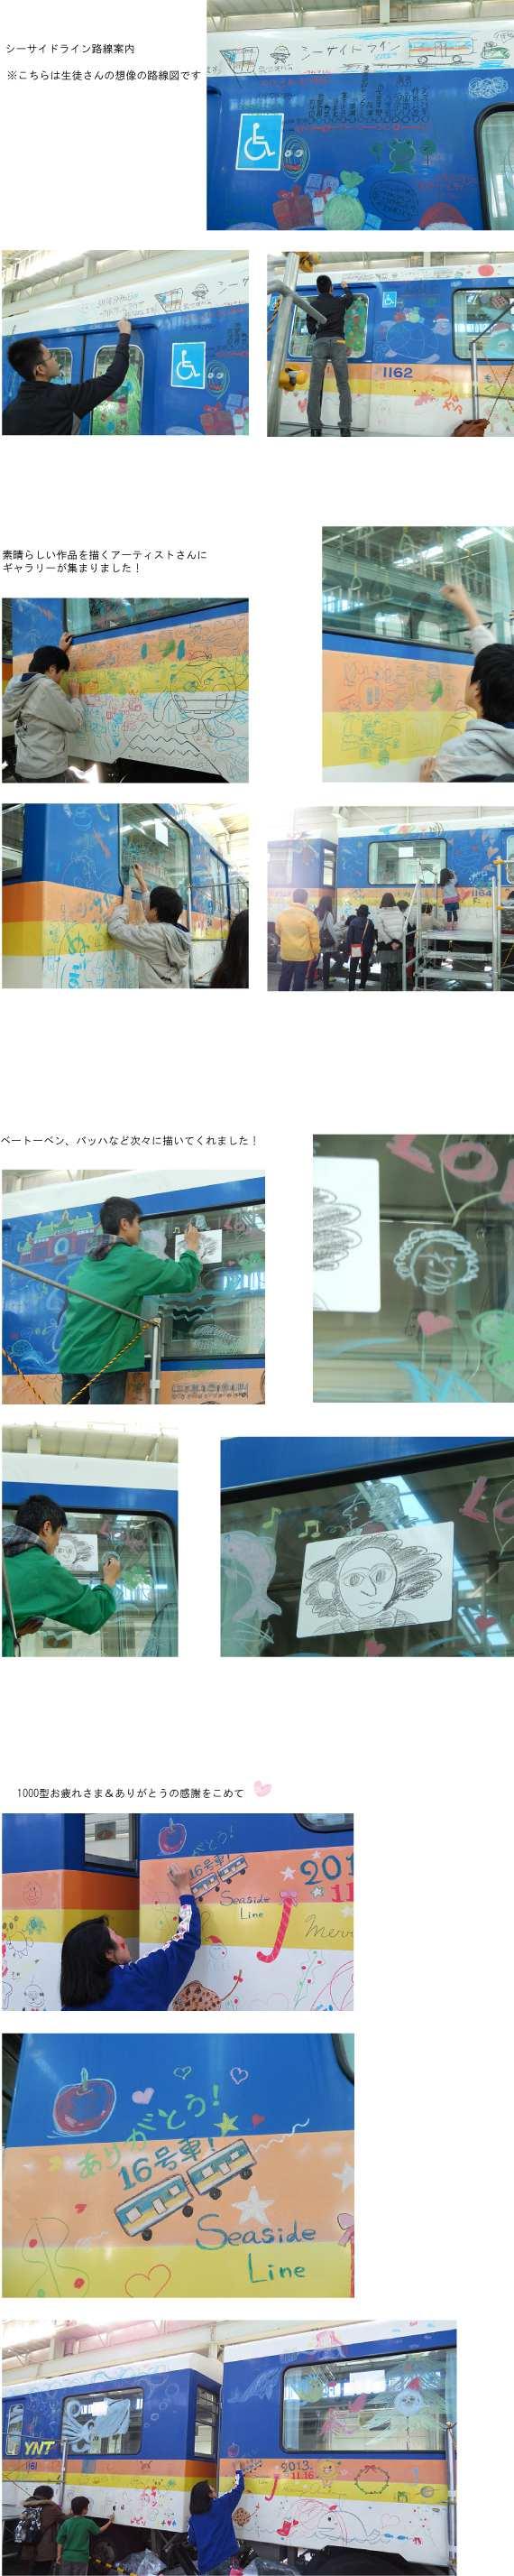 横浜シーサイドライン「サヨナラ電車にラクガキ!」金沢養護学校の生徒さんとカラフルラブ&キットパスアートの皆さんが参加♪(2013年11月9・16日)